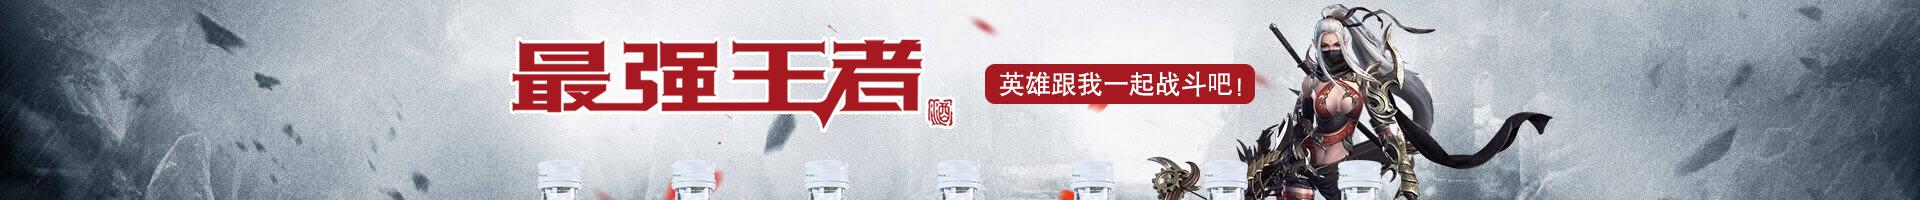 亳州市王者风范酒业有限公司